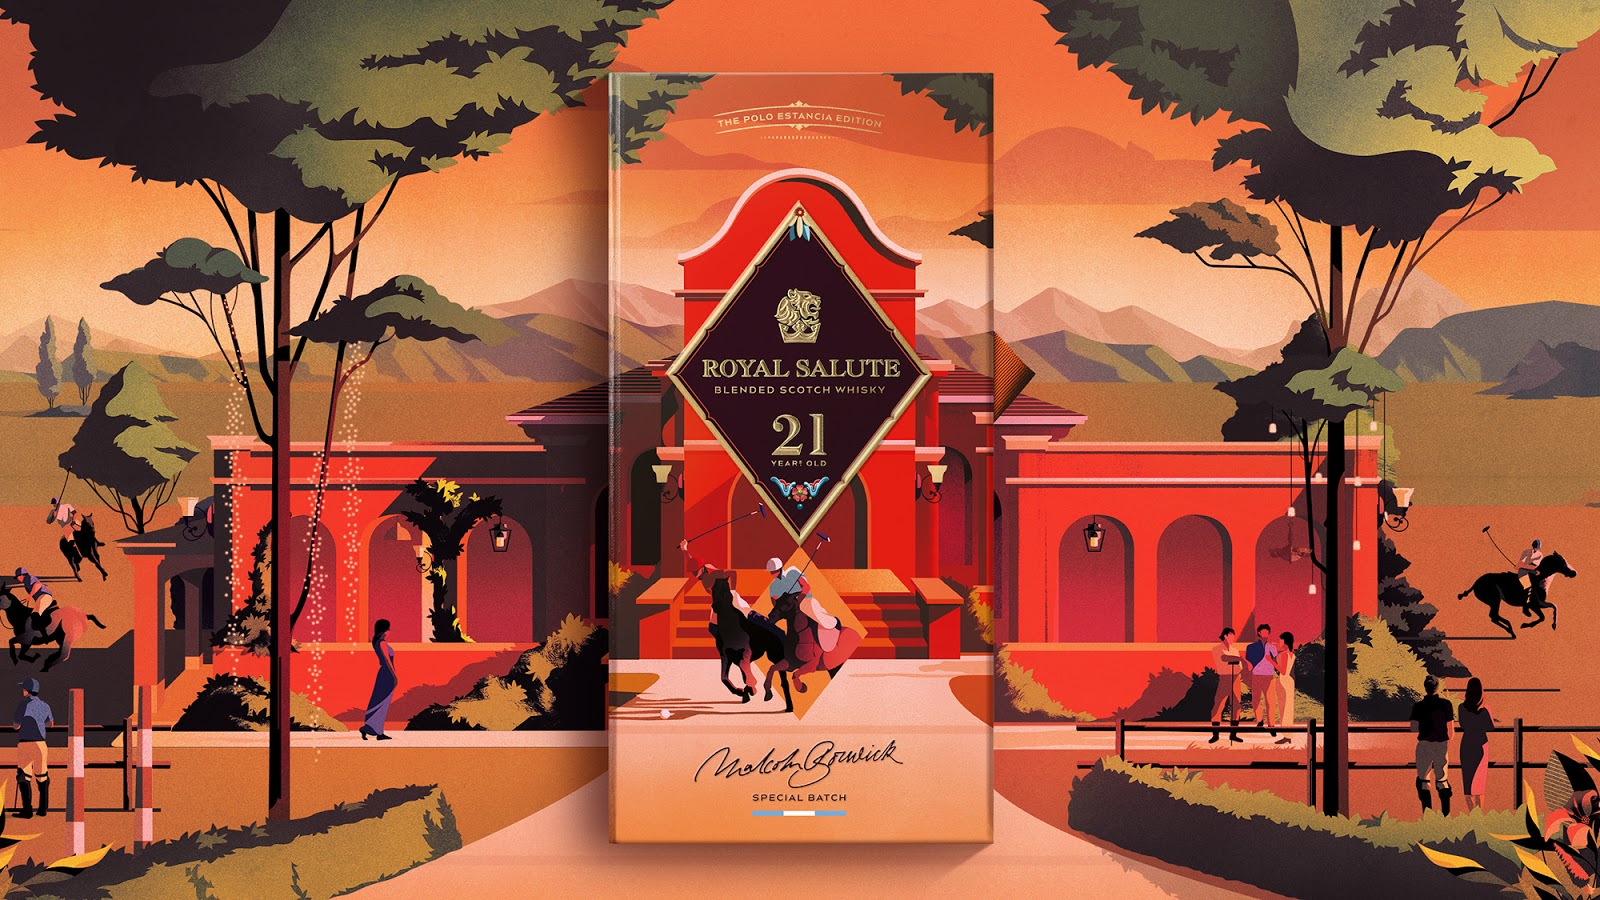 Royal Salute - The Polo Estancia Edition